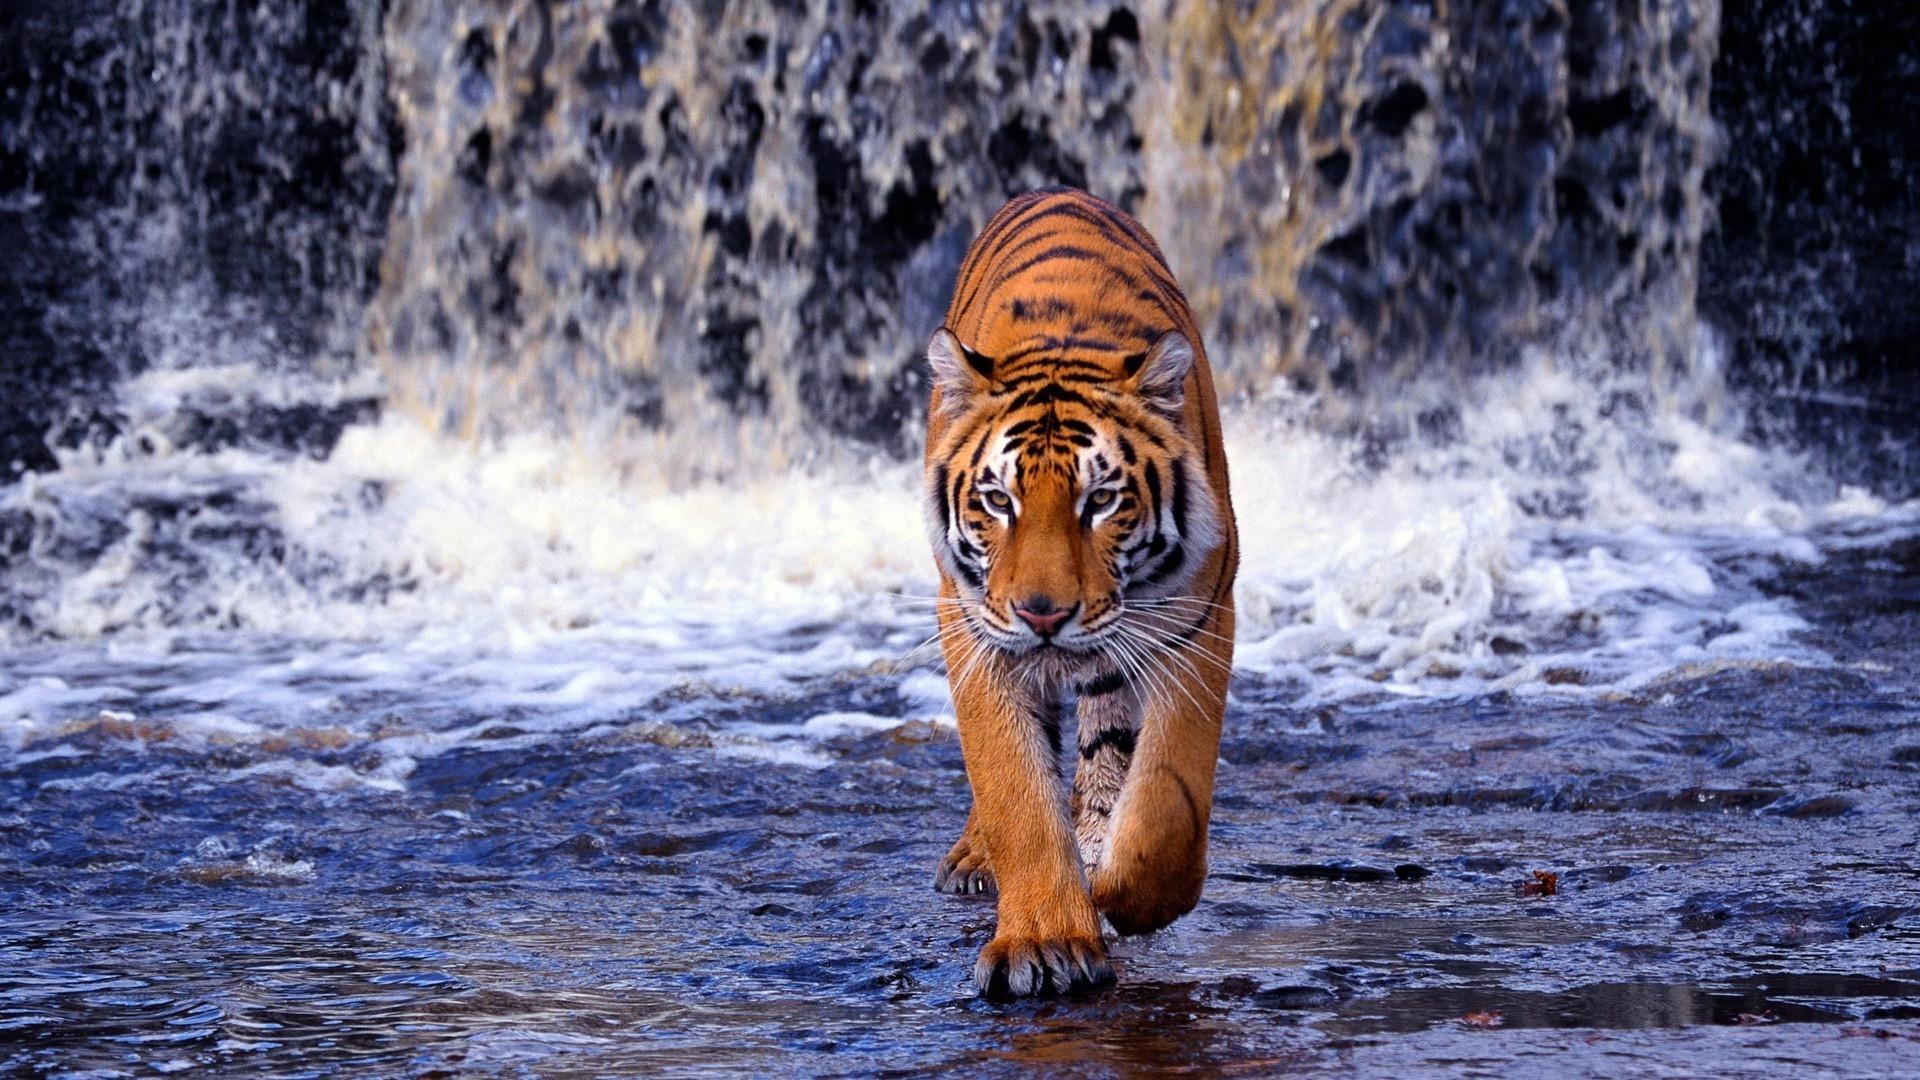 Картинка на рабочий стол тигр (18)